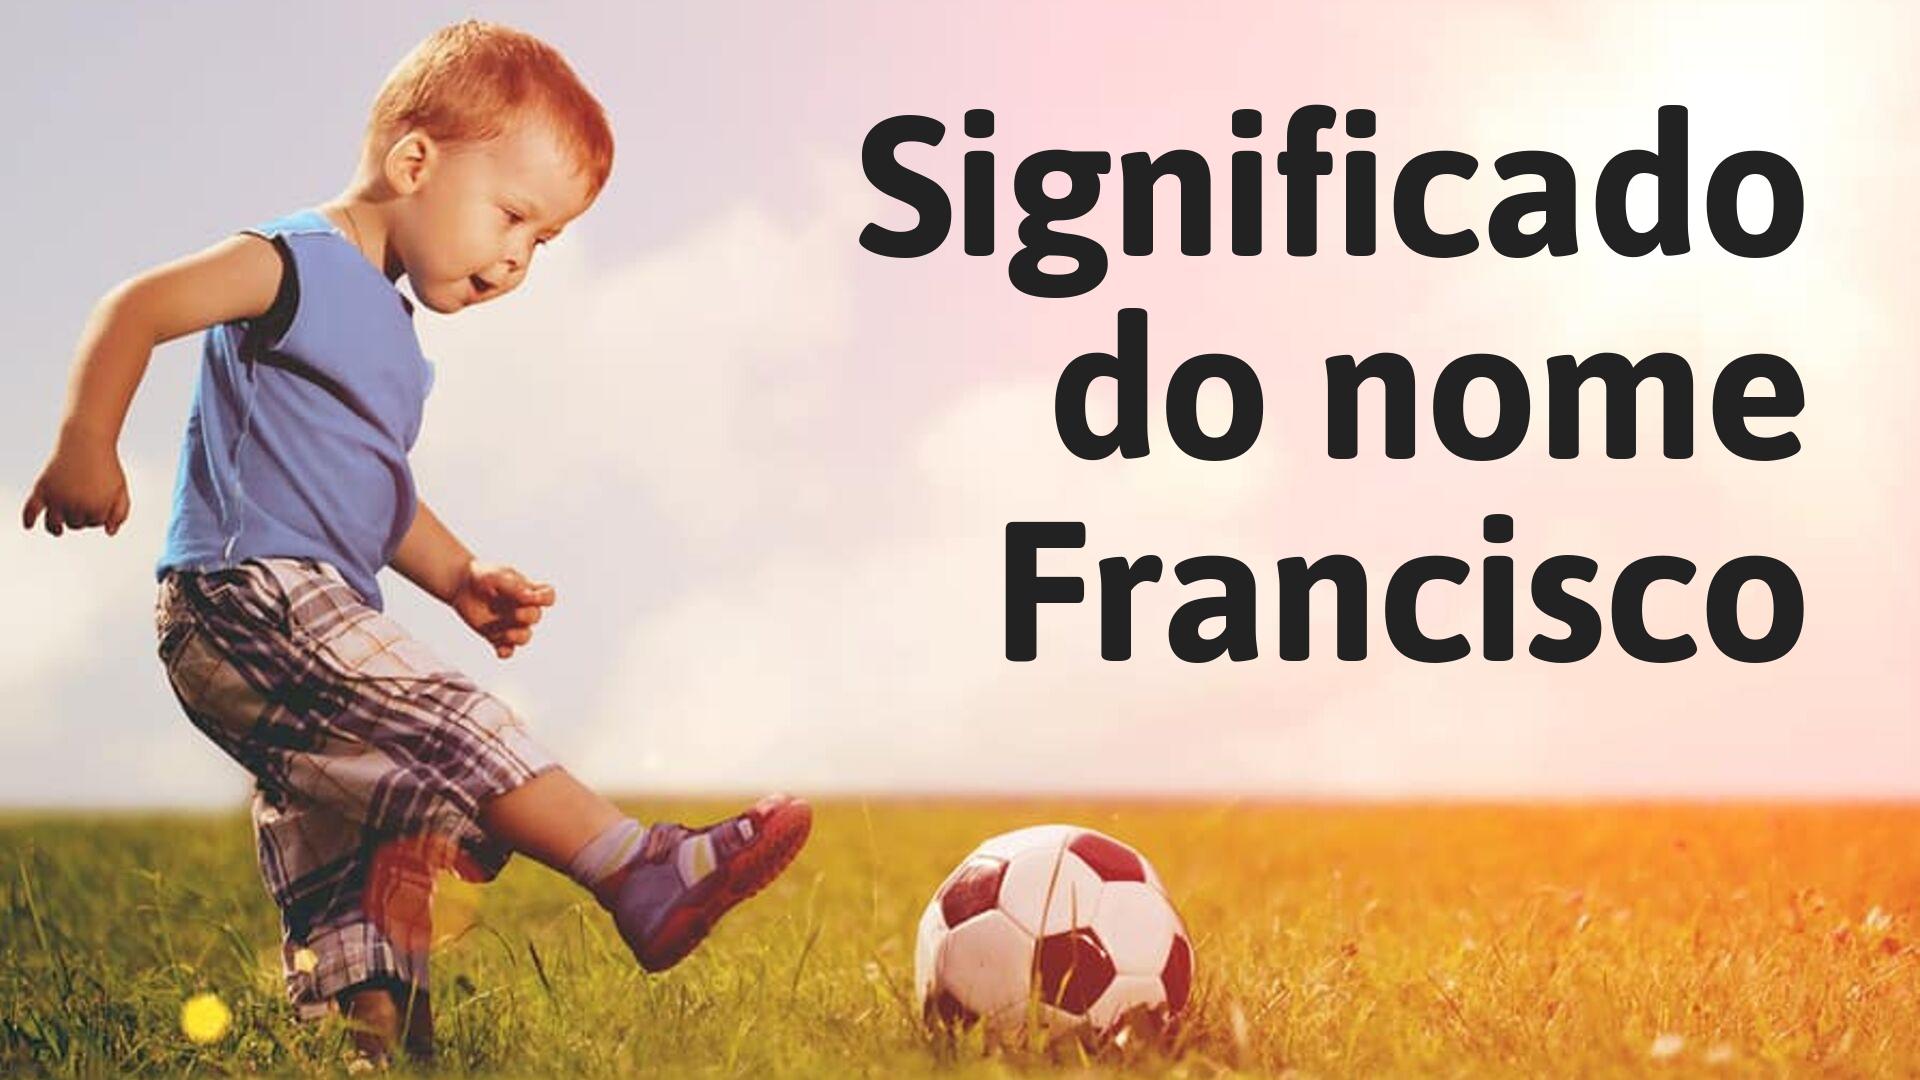 foto escrita significado do nome francisco